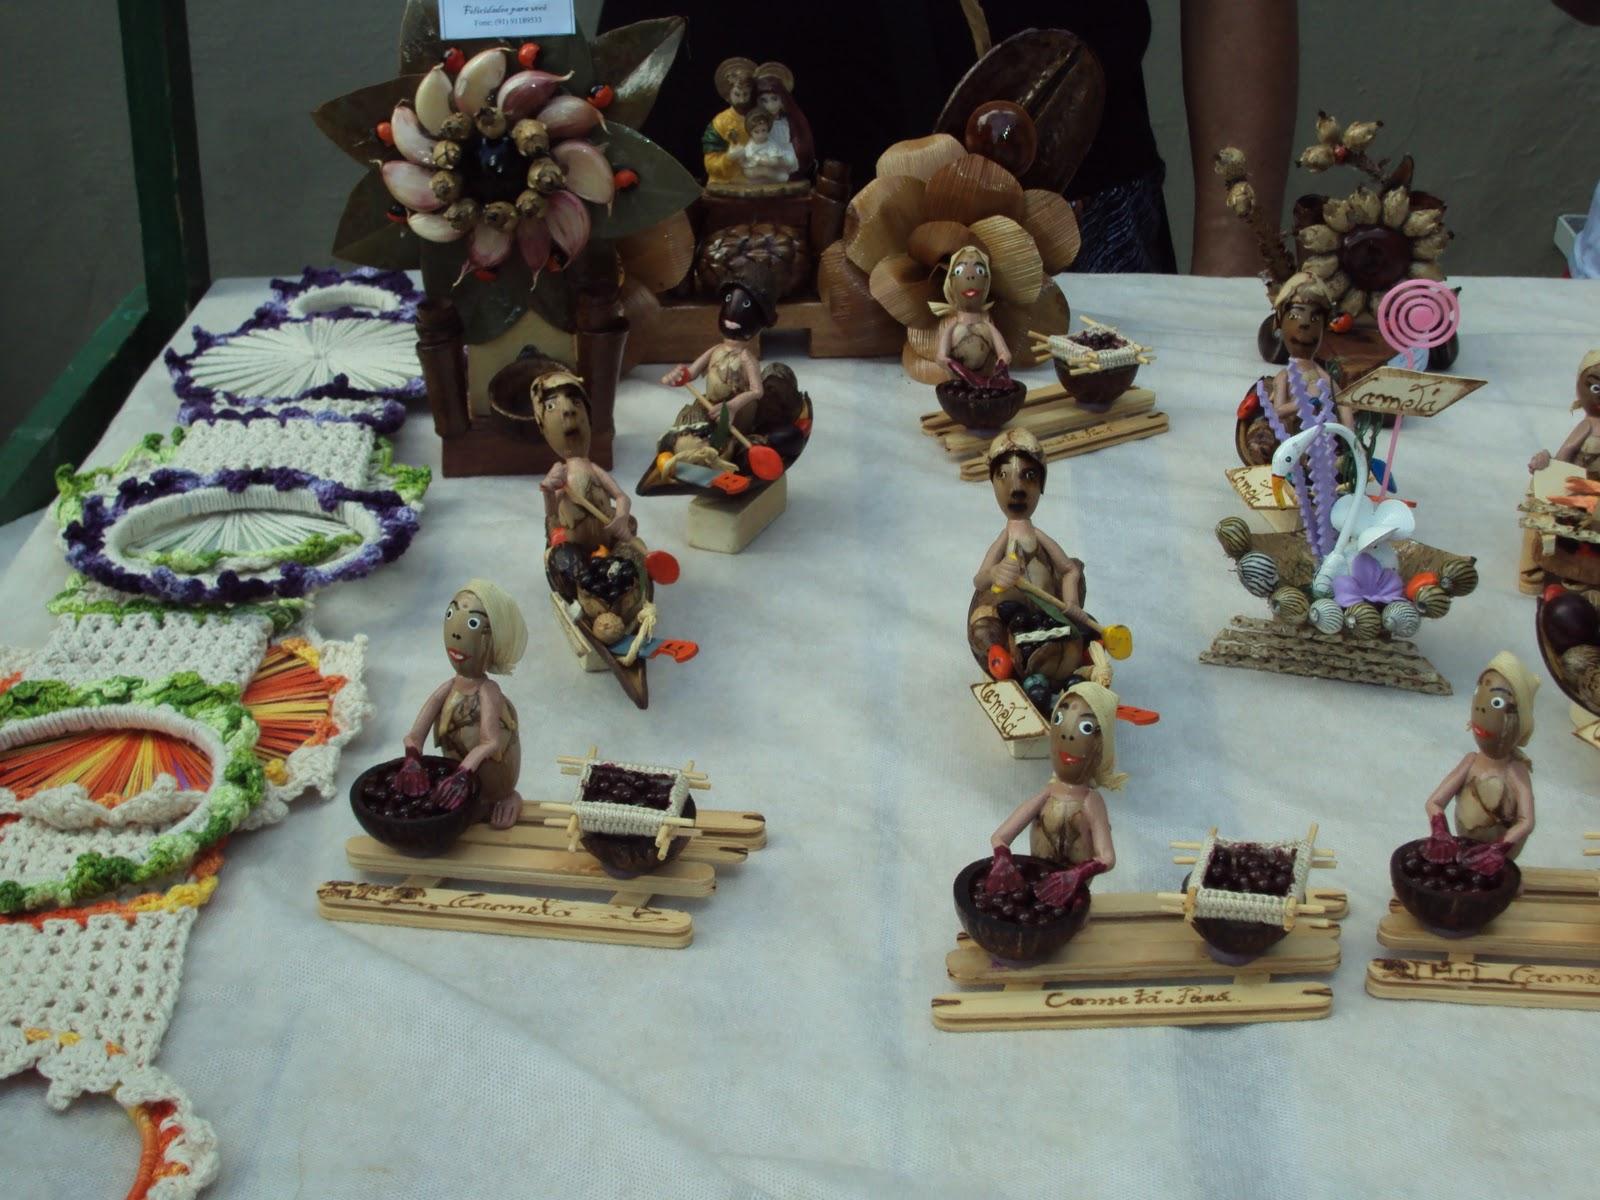 Ponto de cultura de camet exposi o de artesanato for Cameta com